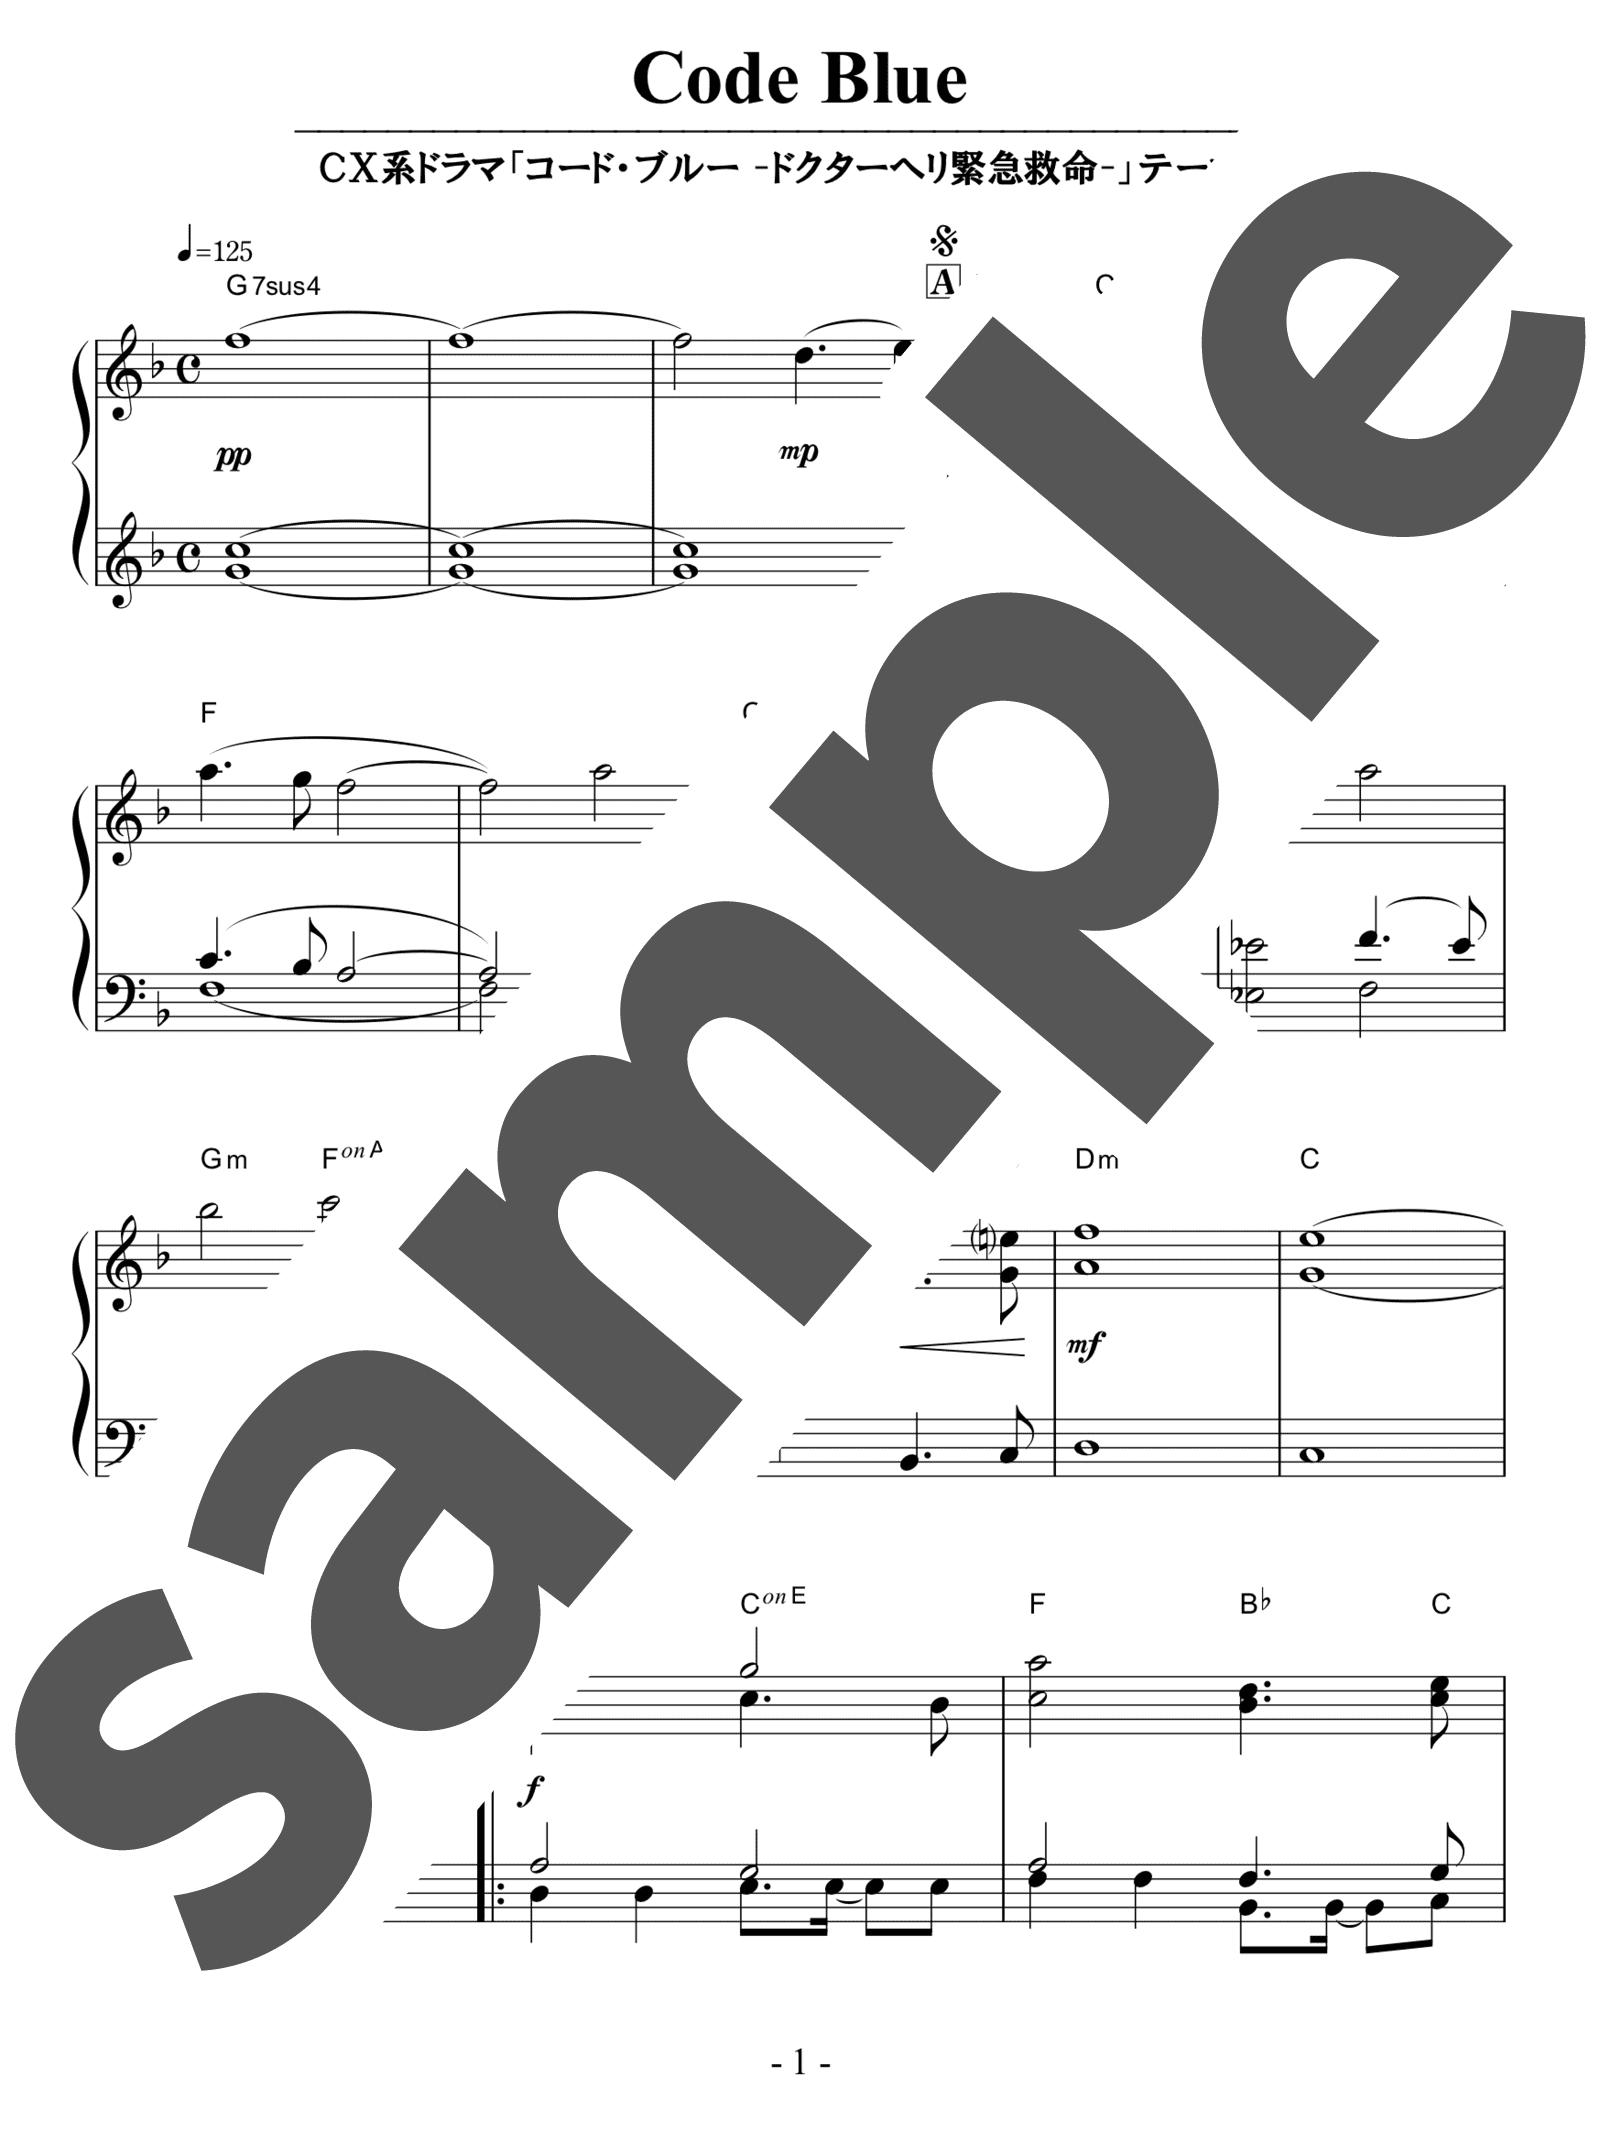 「Code Blue」のサンプル楽譜